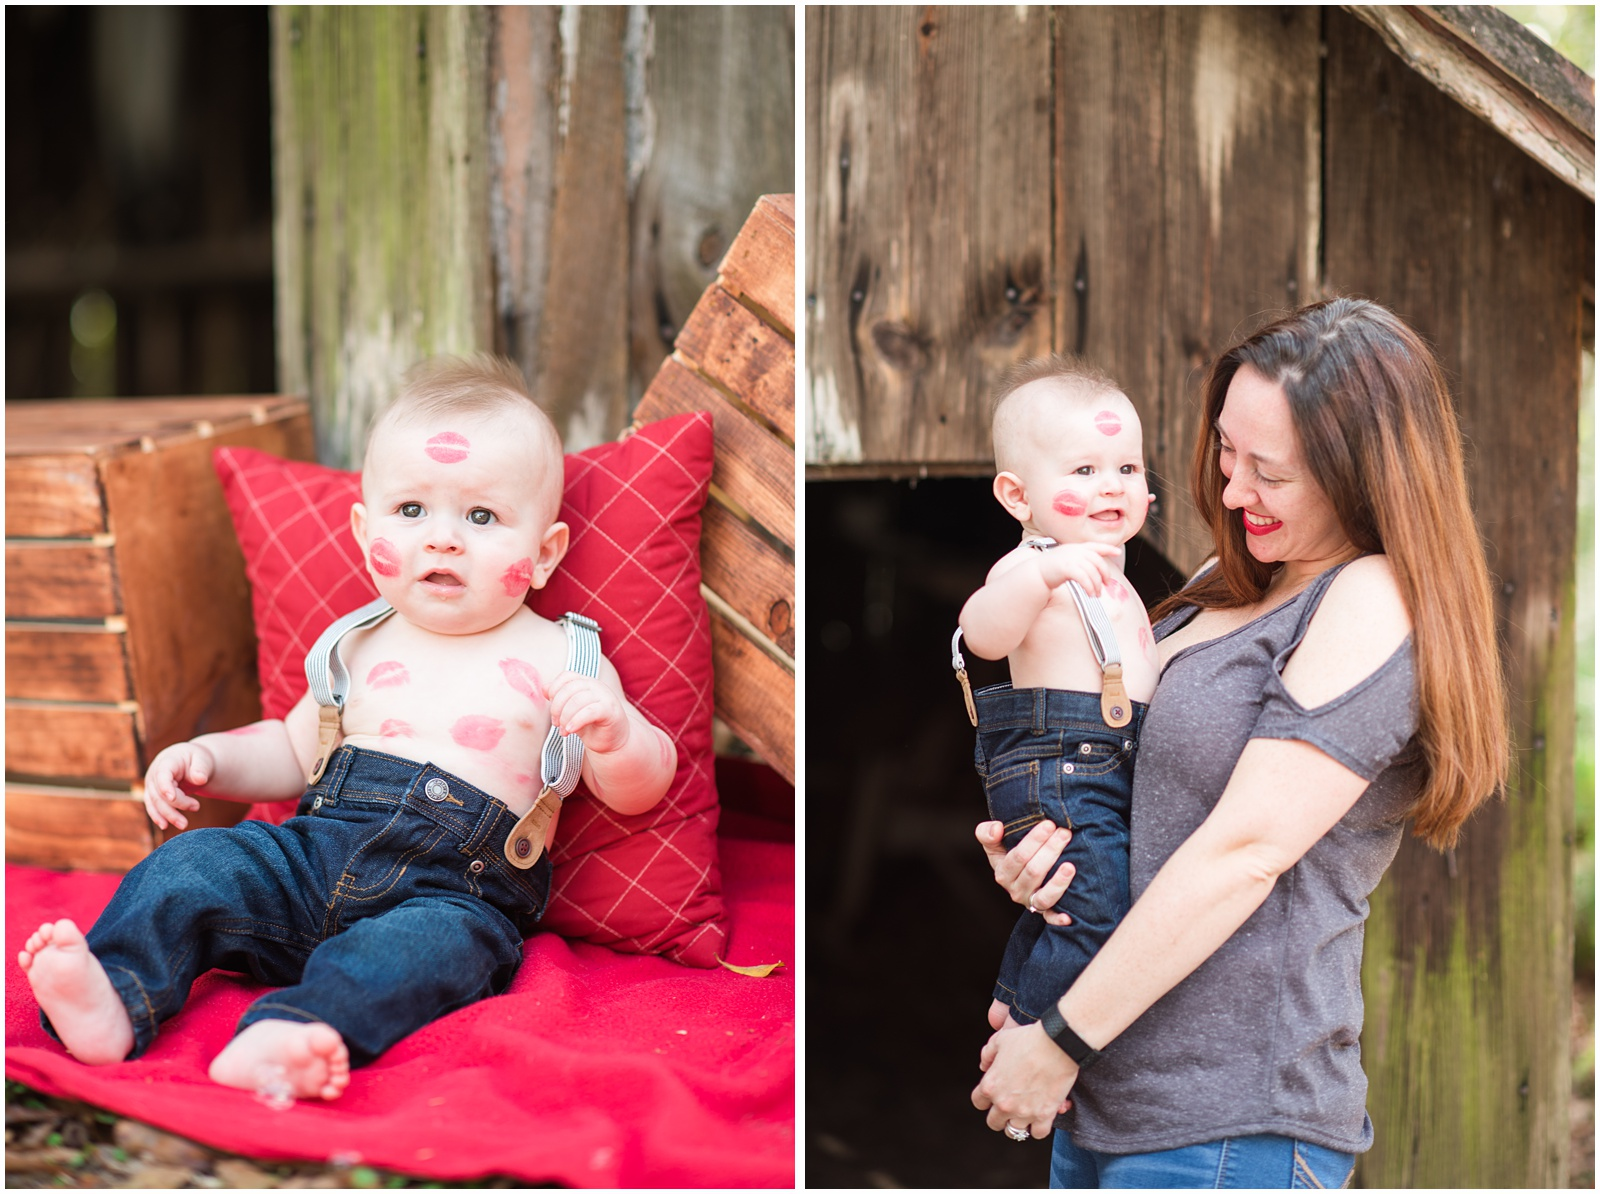 Baby_Portraits_6 Months_Valentine's Day_Walter Jones Park_14.jpg